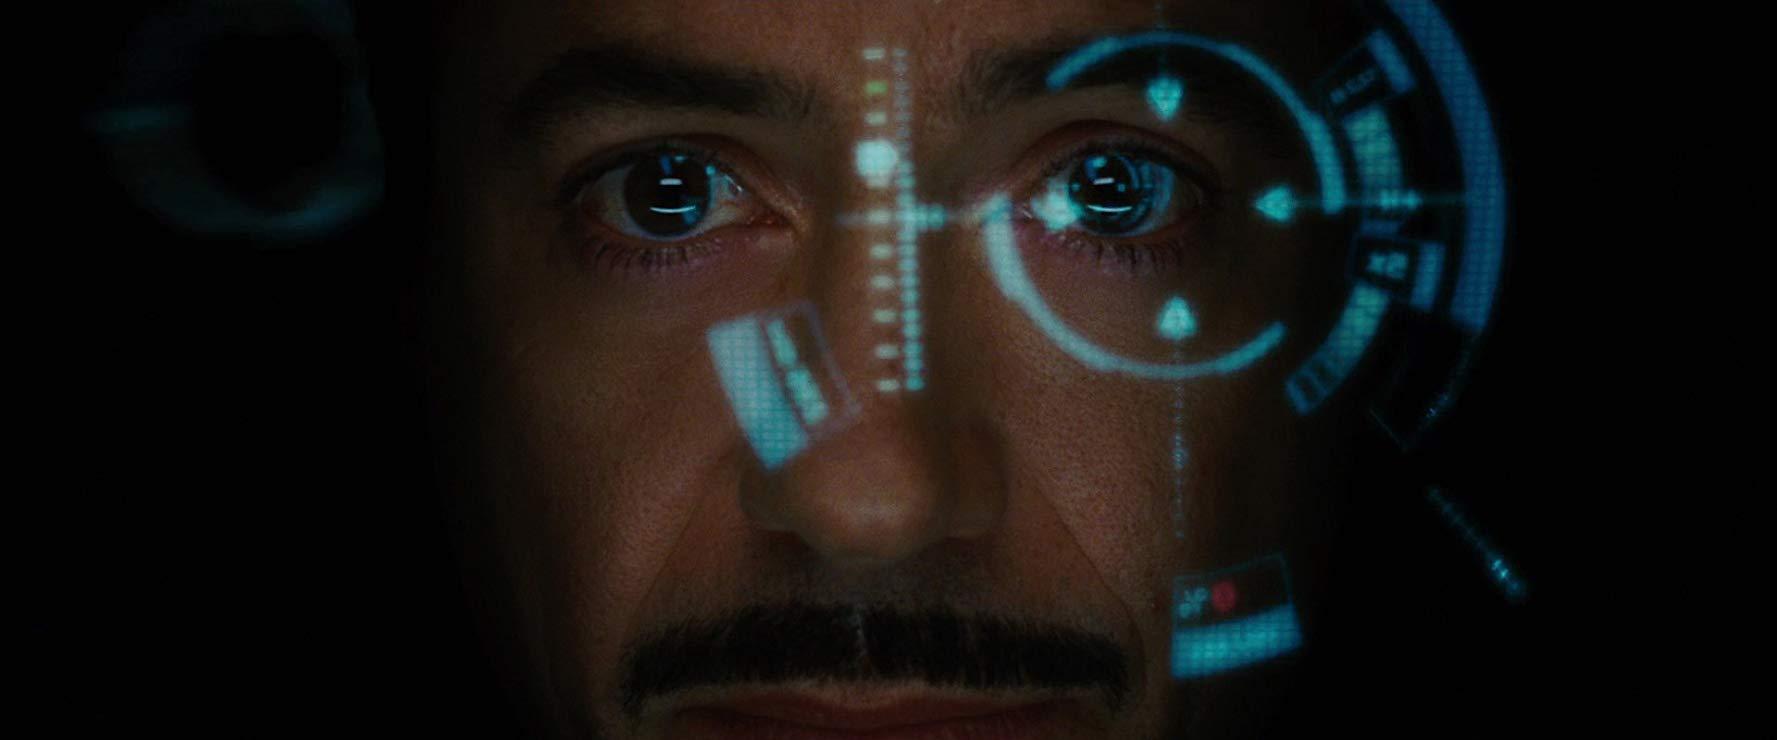 Visão de Tony Stark dentro da armadura - ainda veríamos muito essa cena.